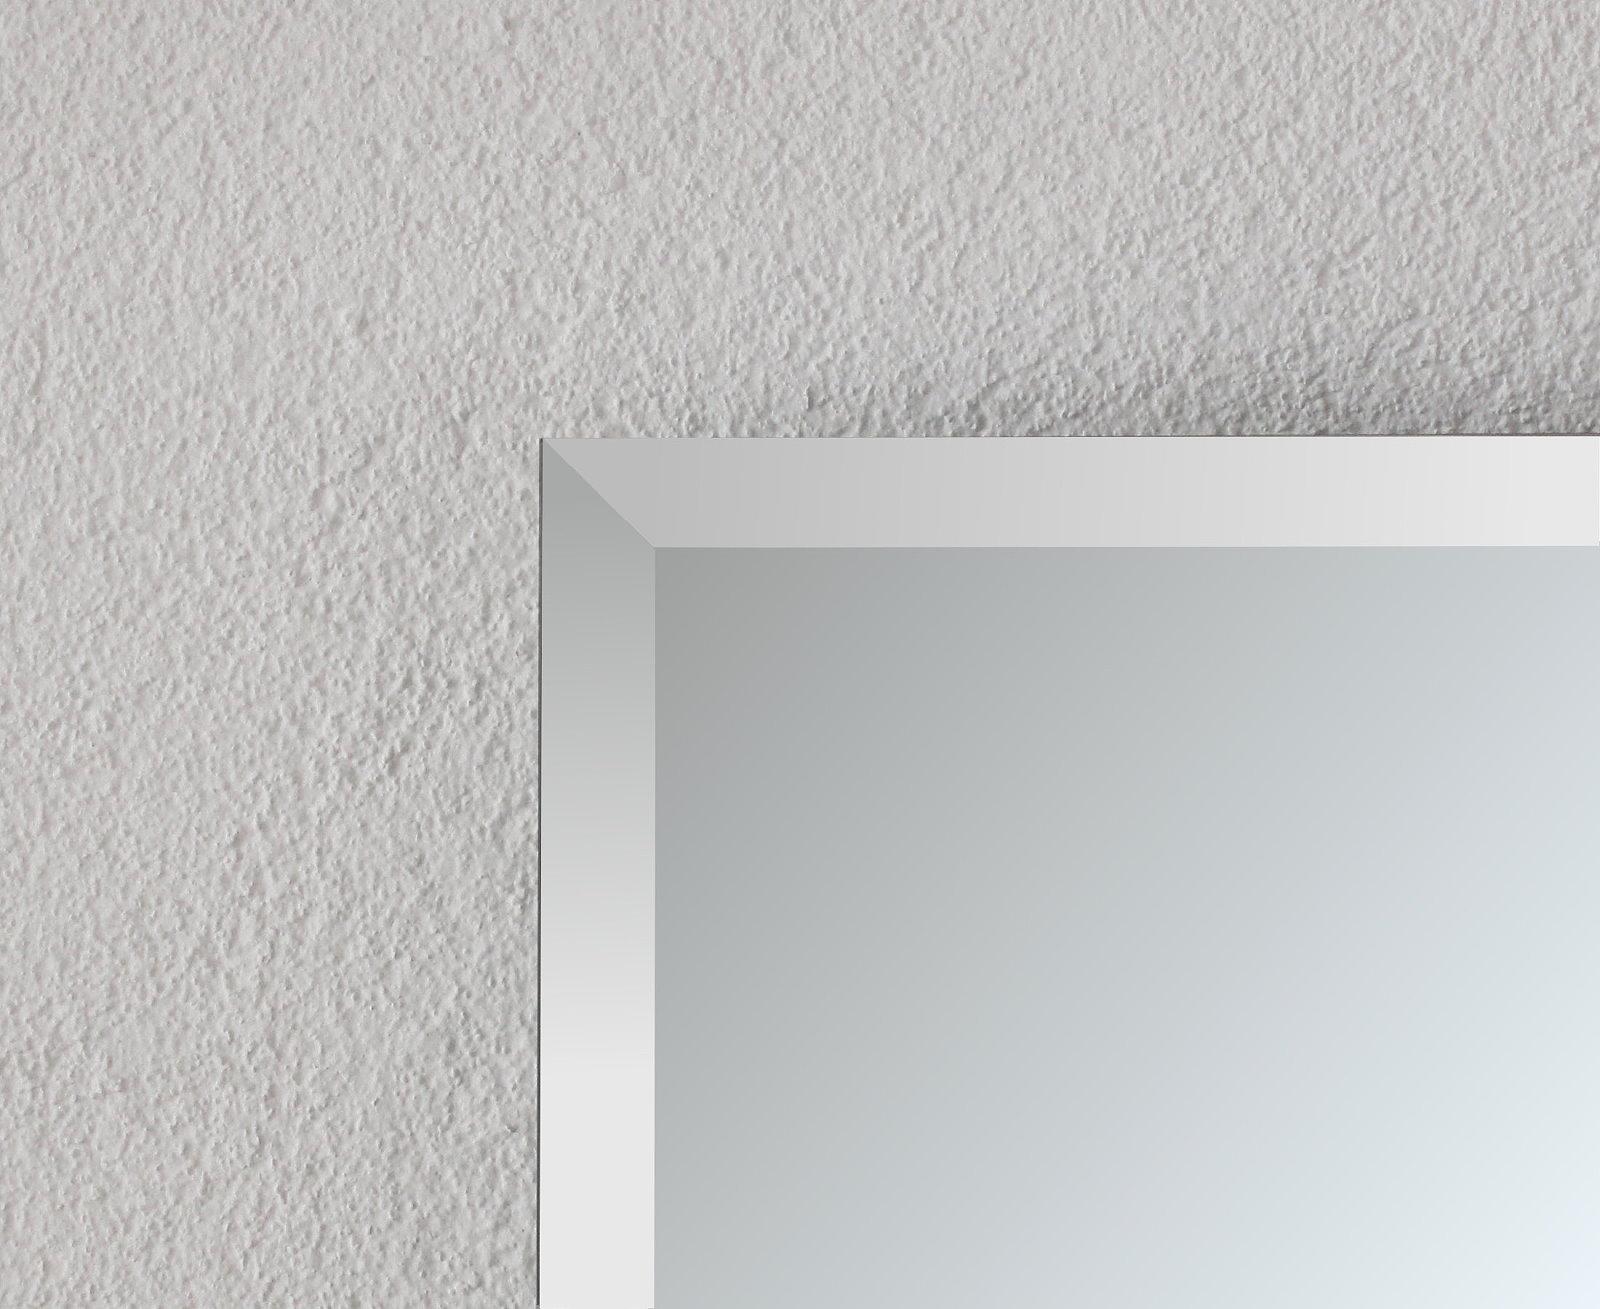 Spiegel kristallspiegel wandspiegel 4 6 mm st rke for Spiegel zum aufkleben